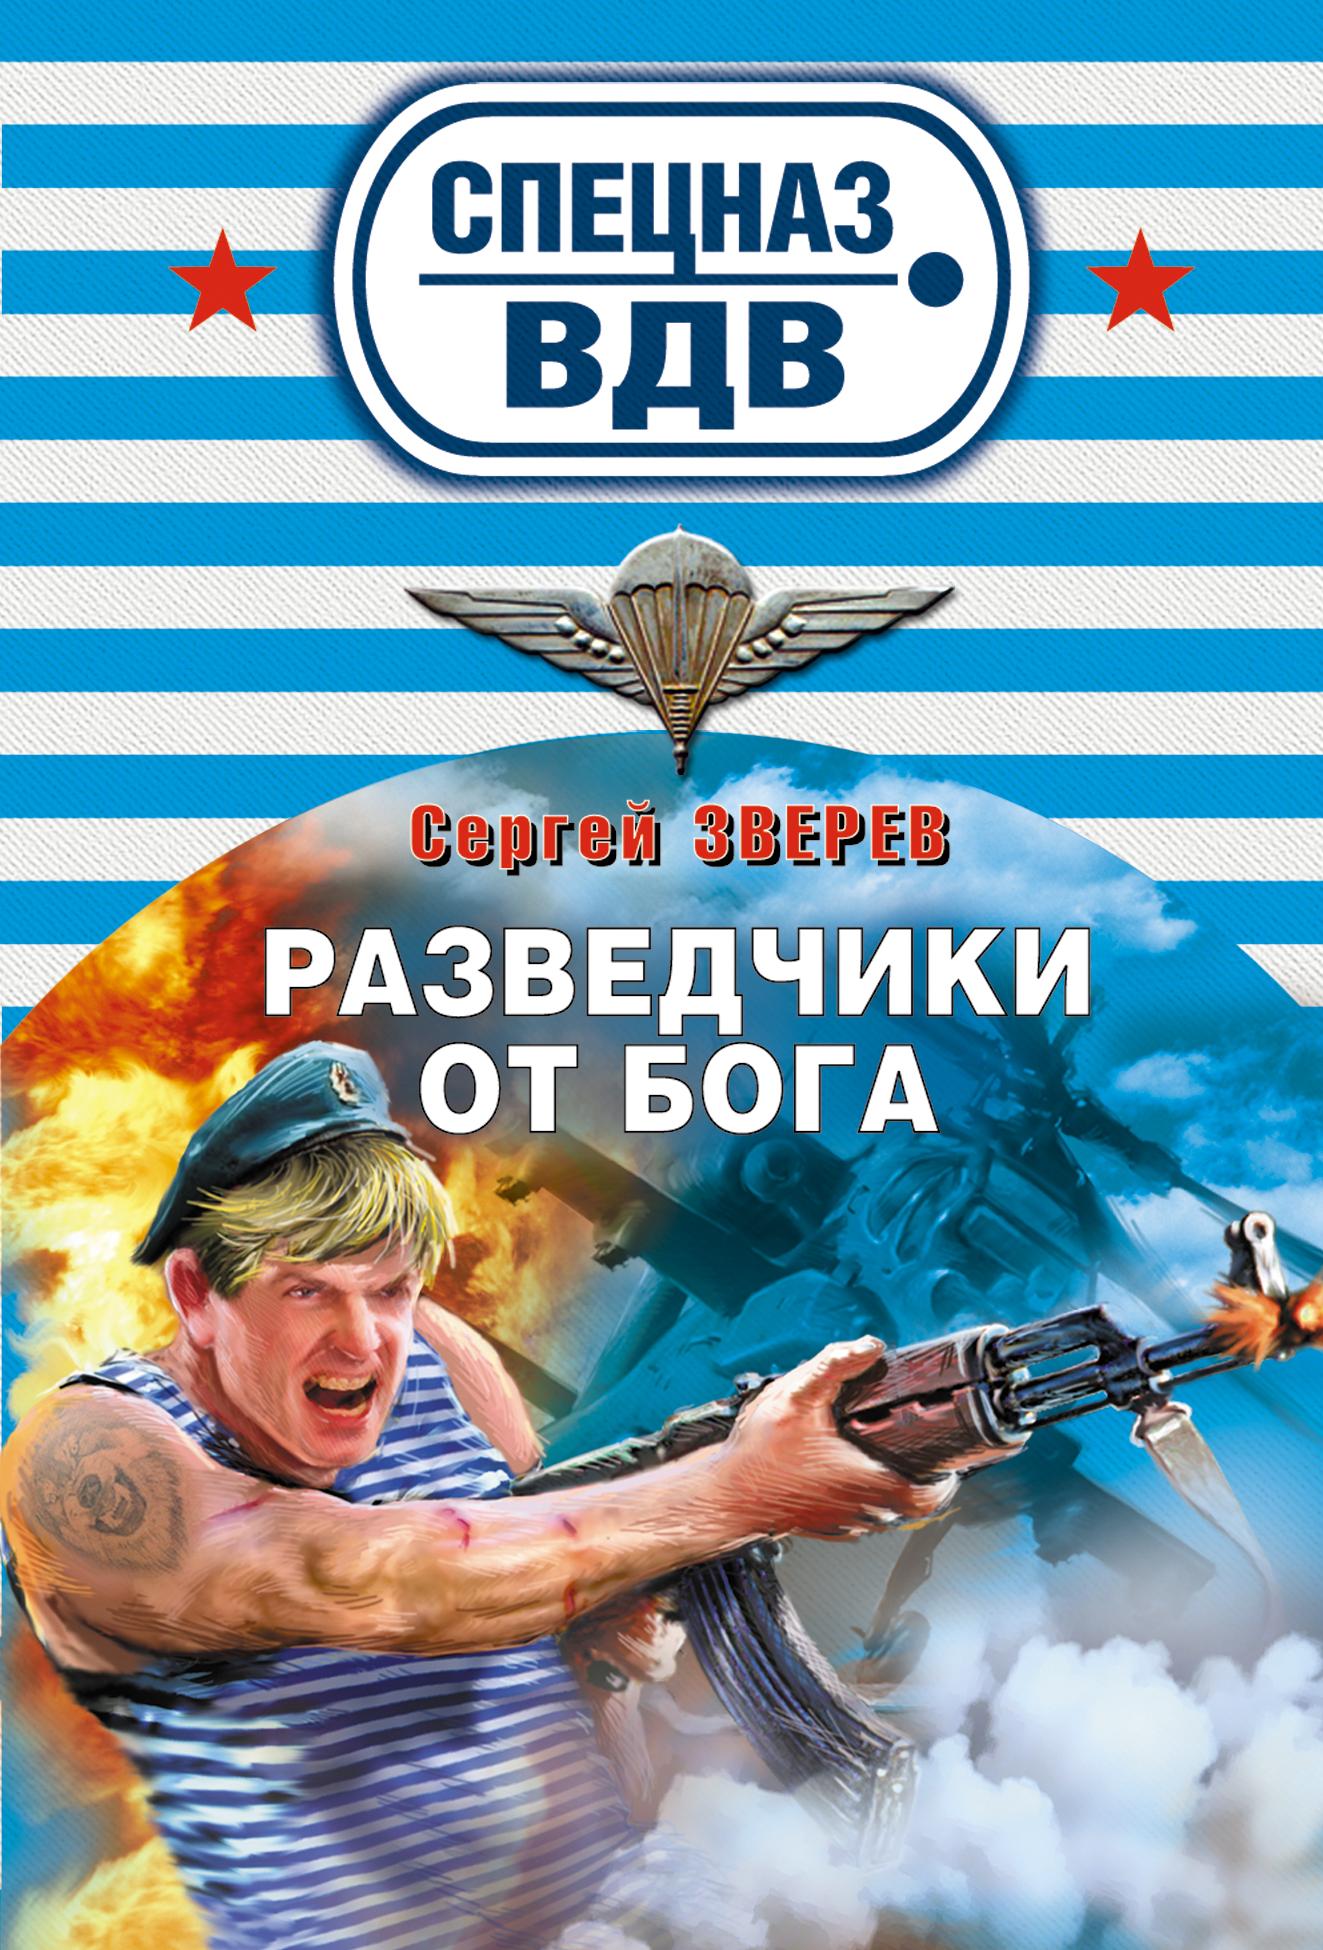 Сергей Зверев Разведчики от бога зверев с разведчики от бога